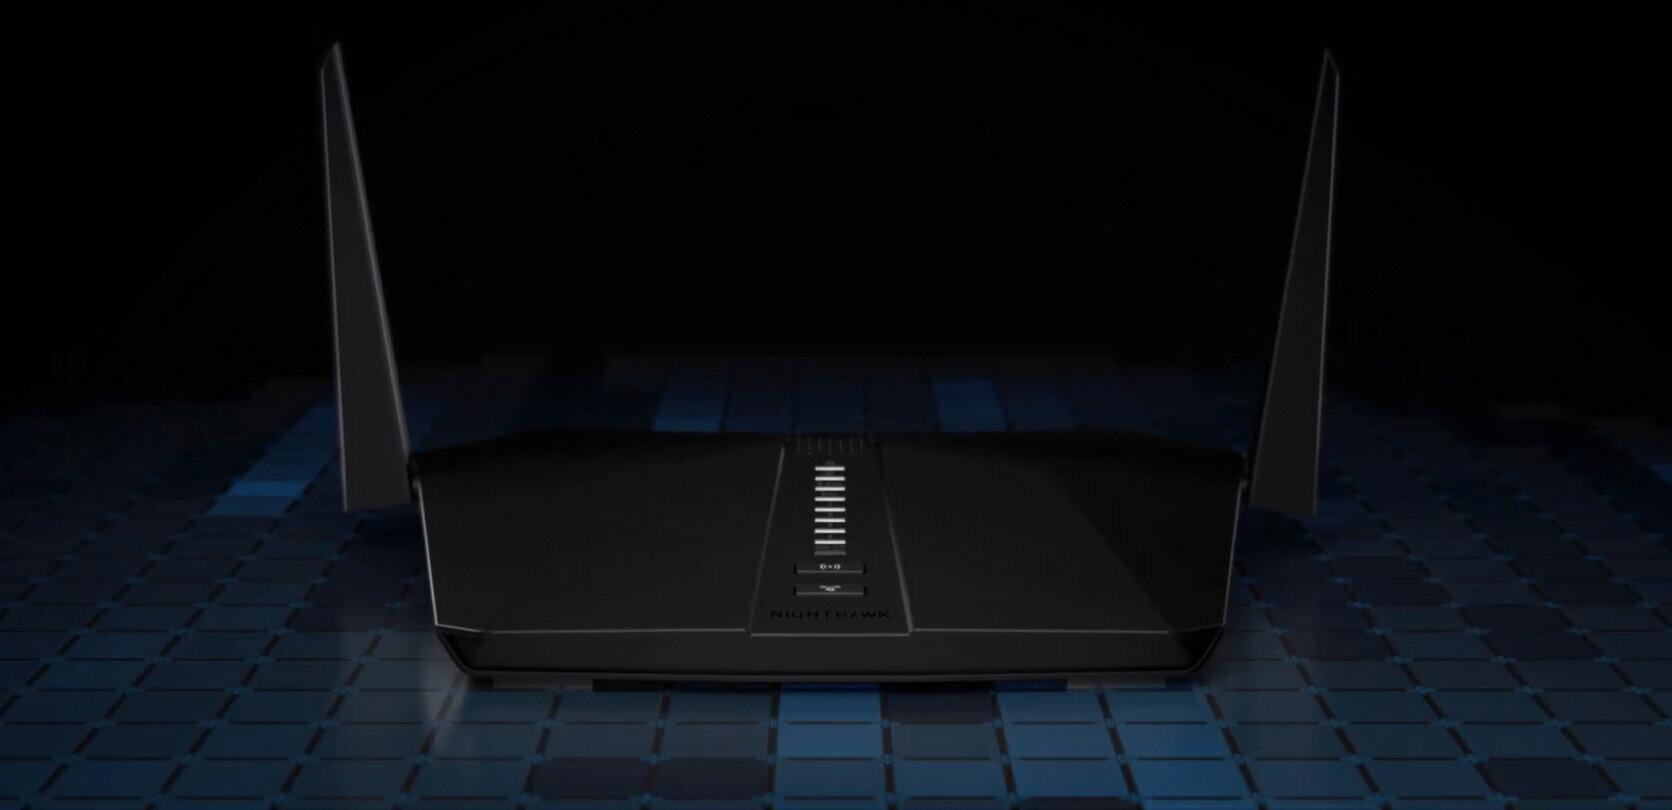 Nighthawk AX4 (RAX40) : Netgear mise sur Intel pour son routeur Wi-Fi 6 à petit prix